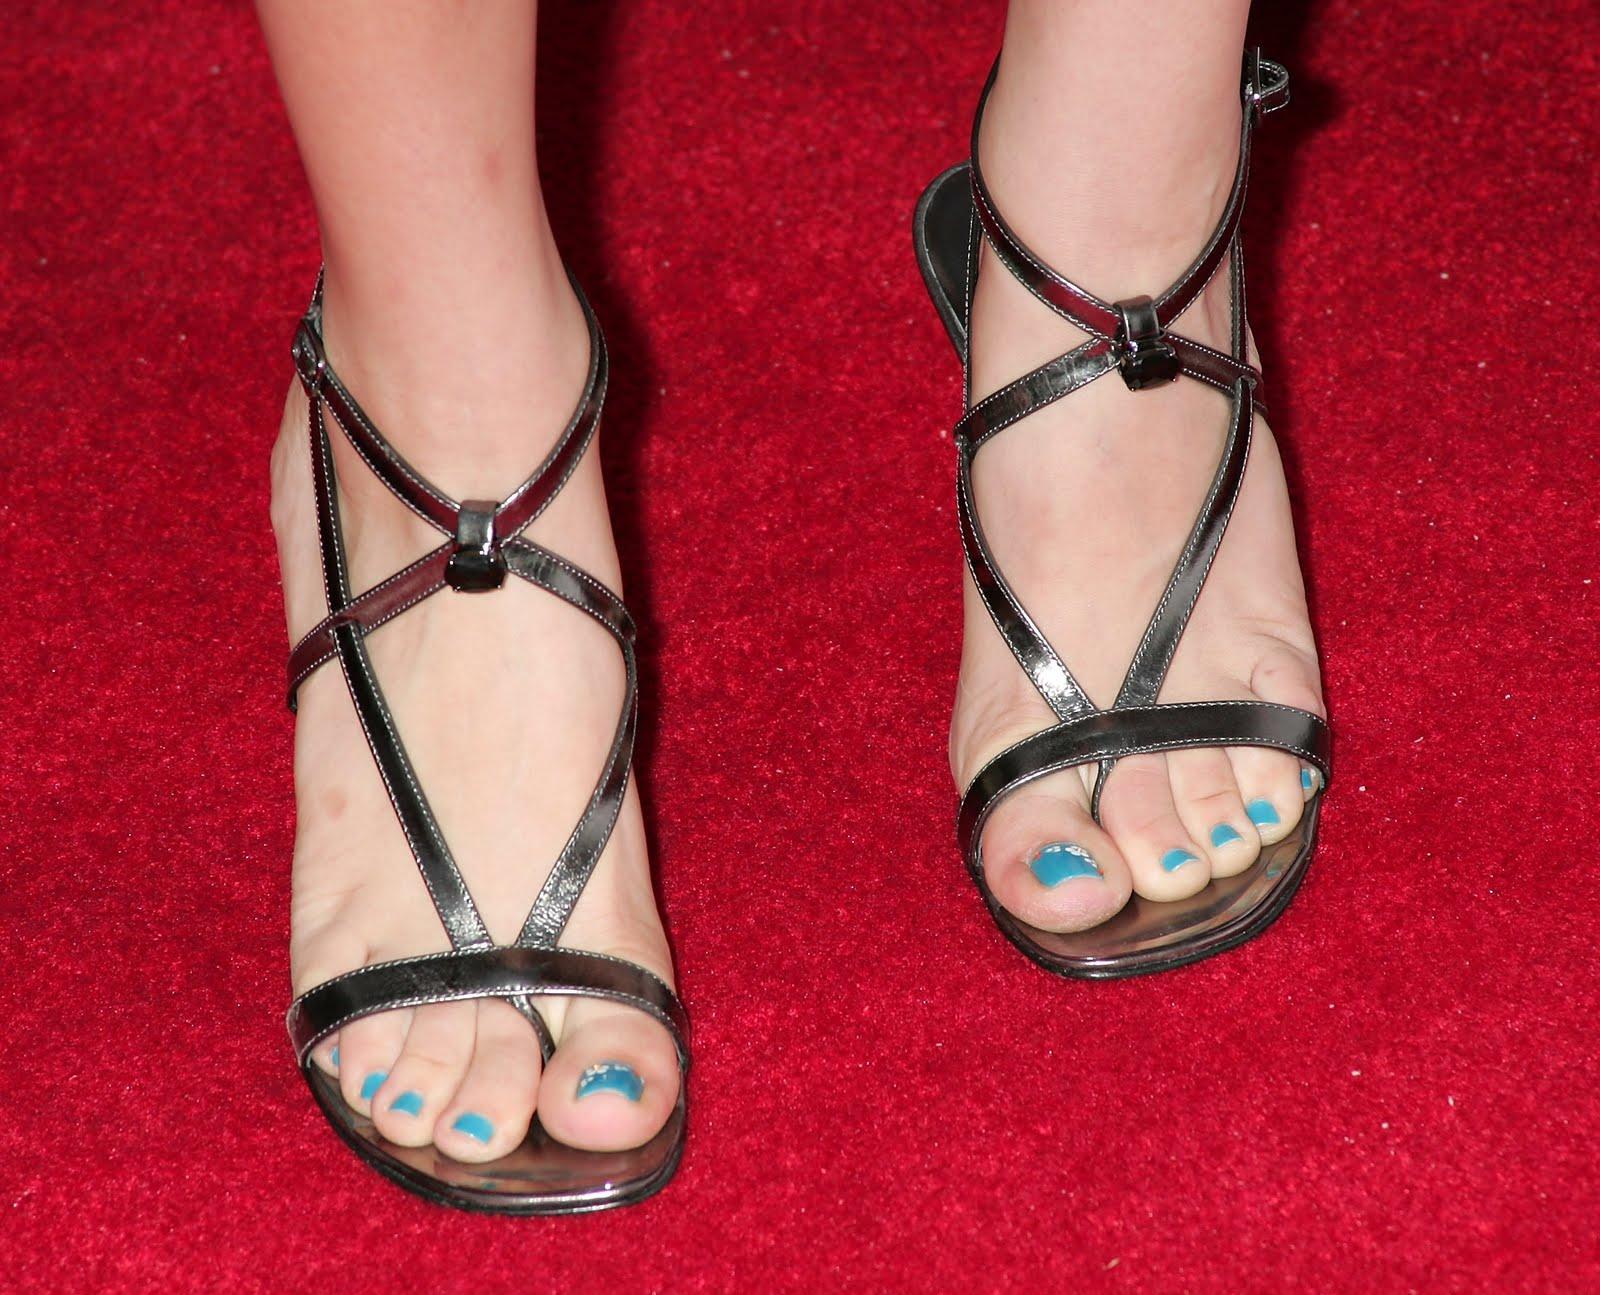 http://1.bp.blogspot.com/_UaLWp72nij4/S-RvqTsl8lI/AAAAAAAAKFQ/gwXOcoGTuuc/s1600/kaley-cuoco-feet-2.jpg